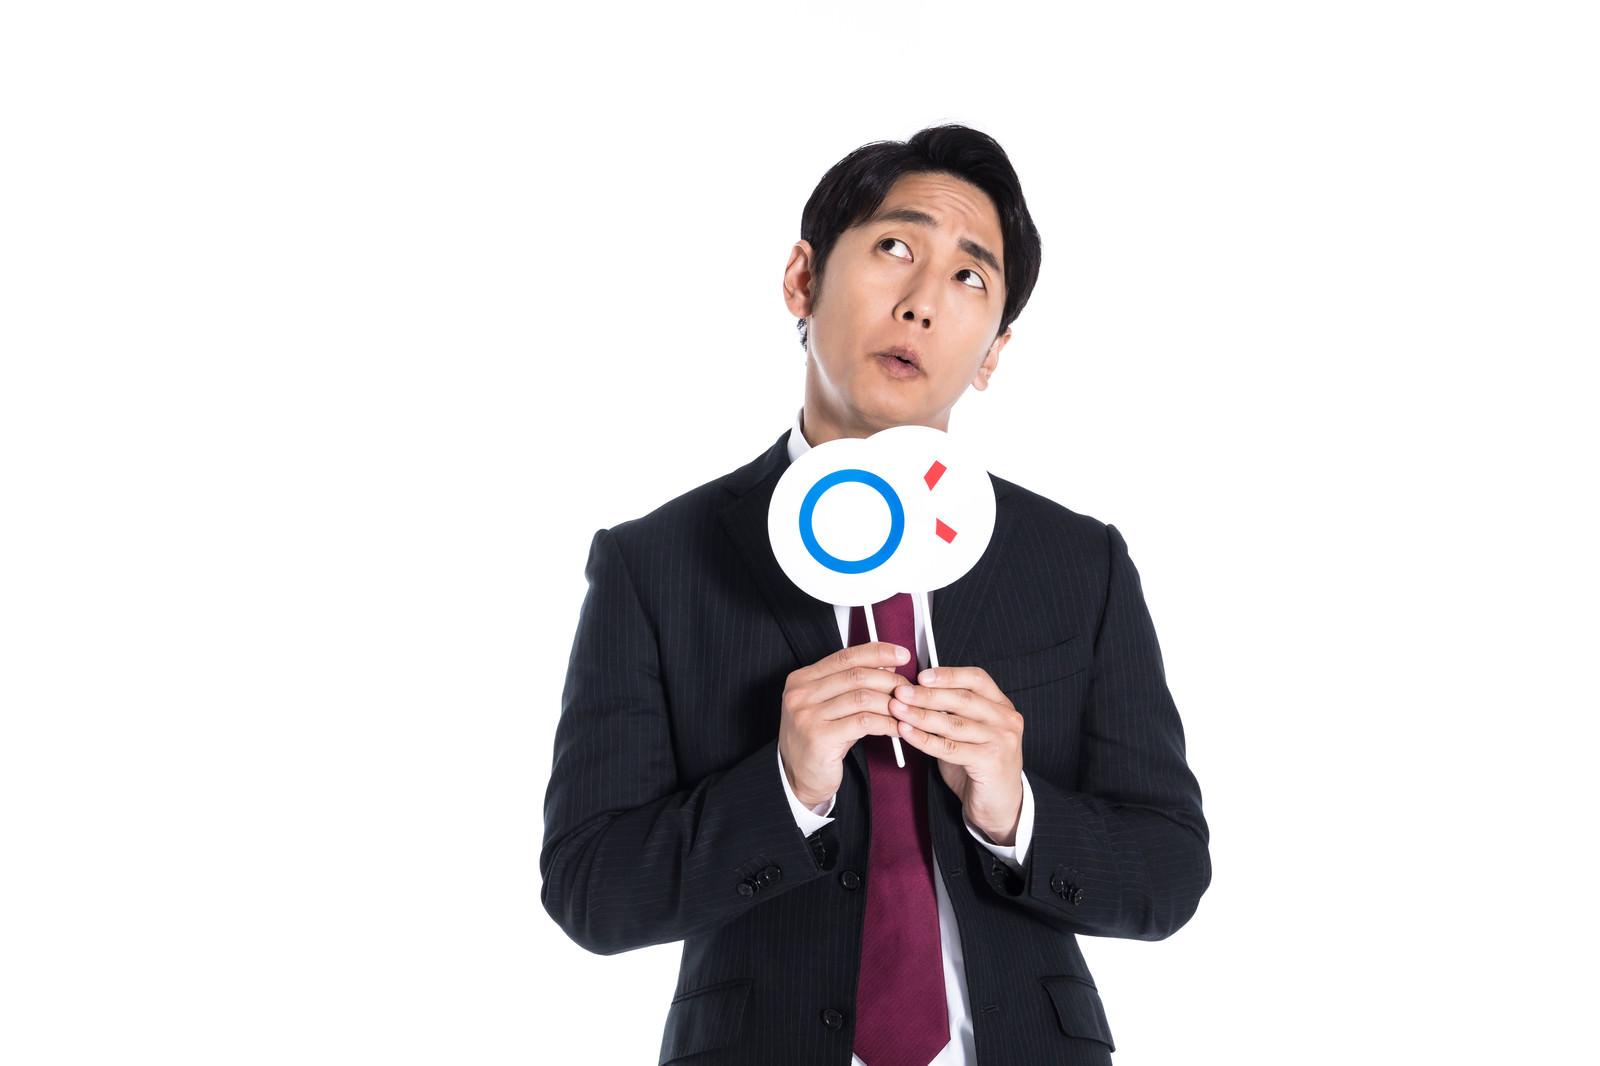 「○×クイズを考える男性」の写真[モデル:大川竜弥]